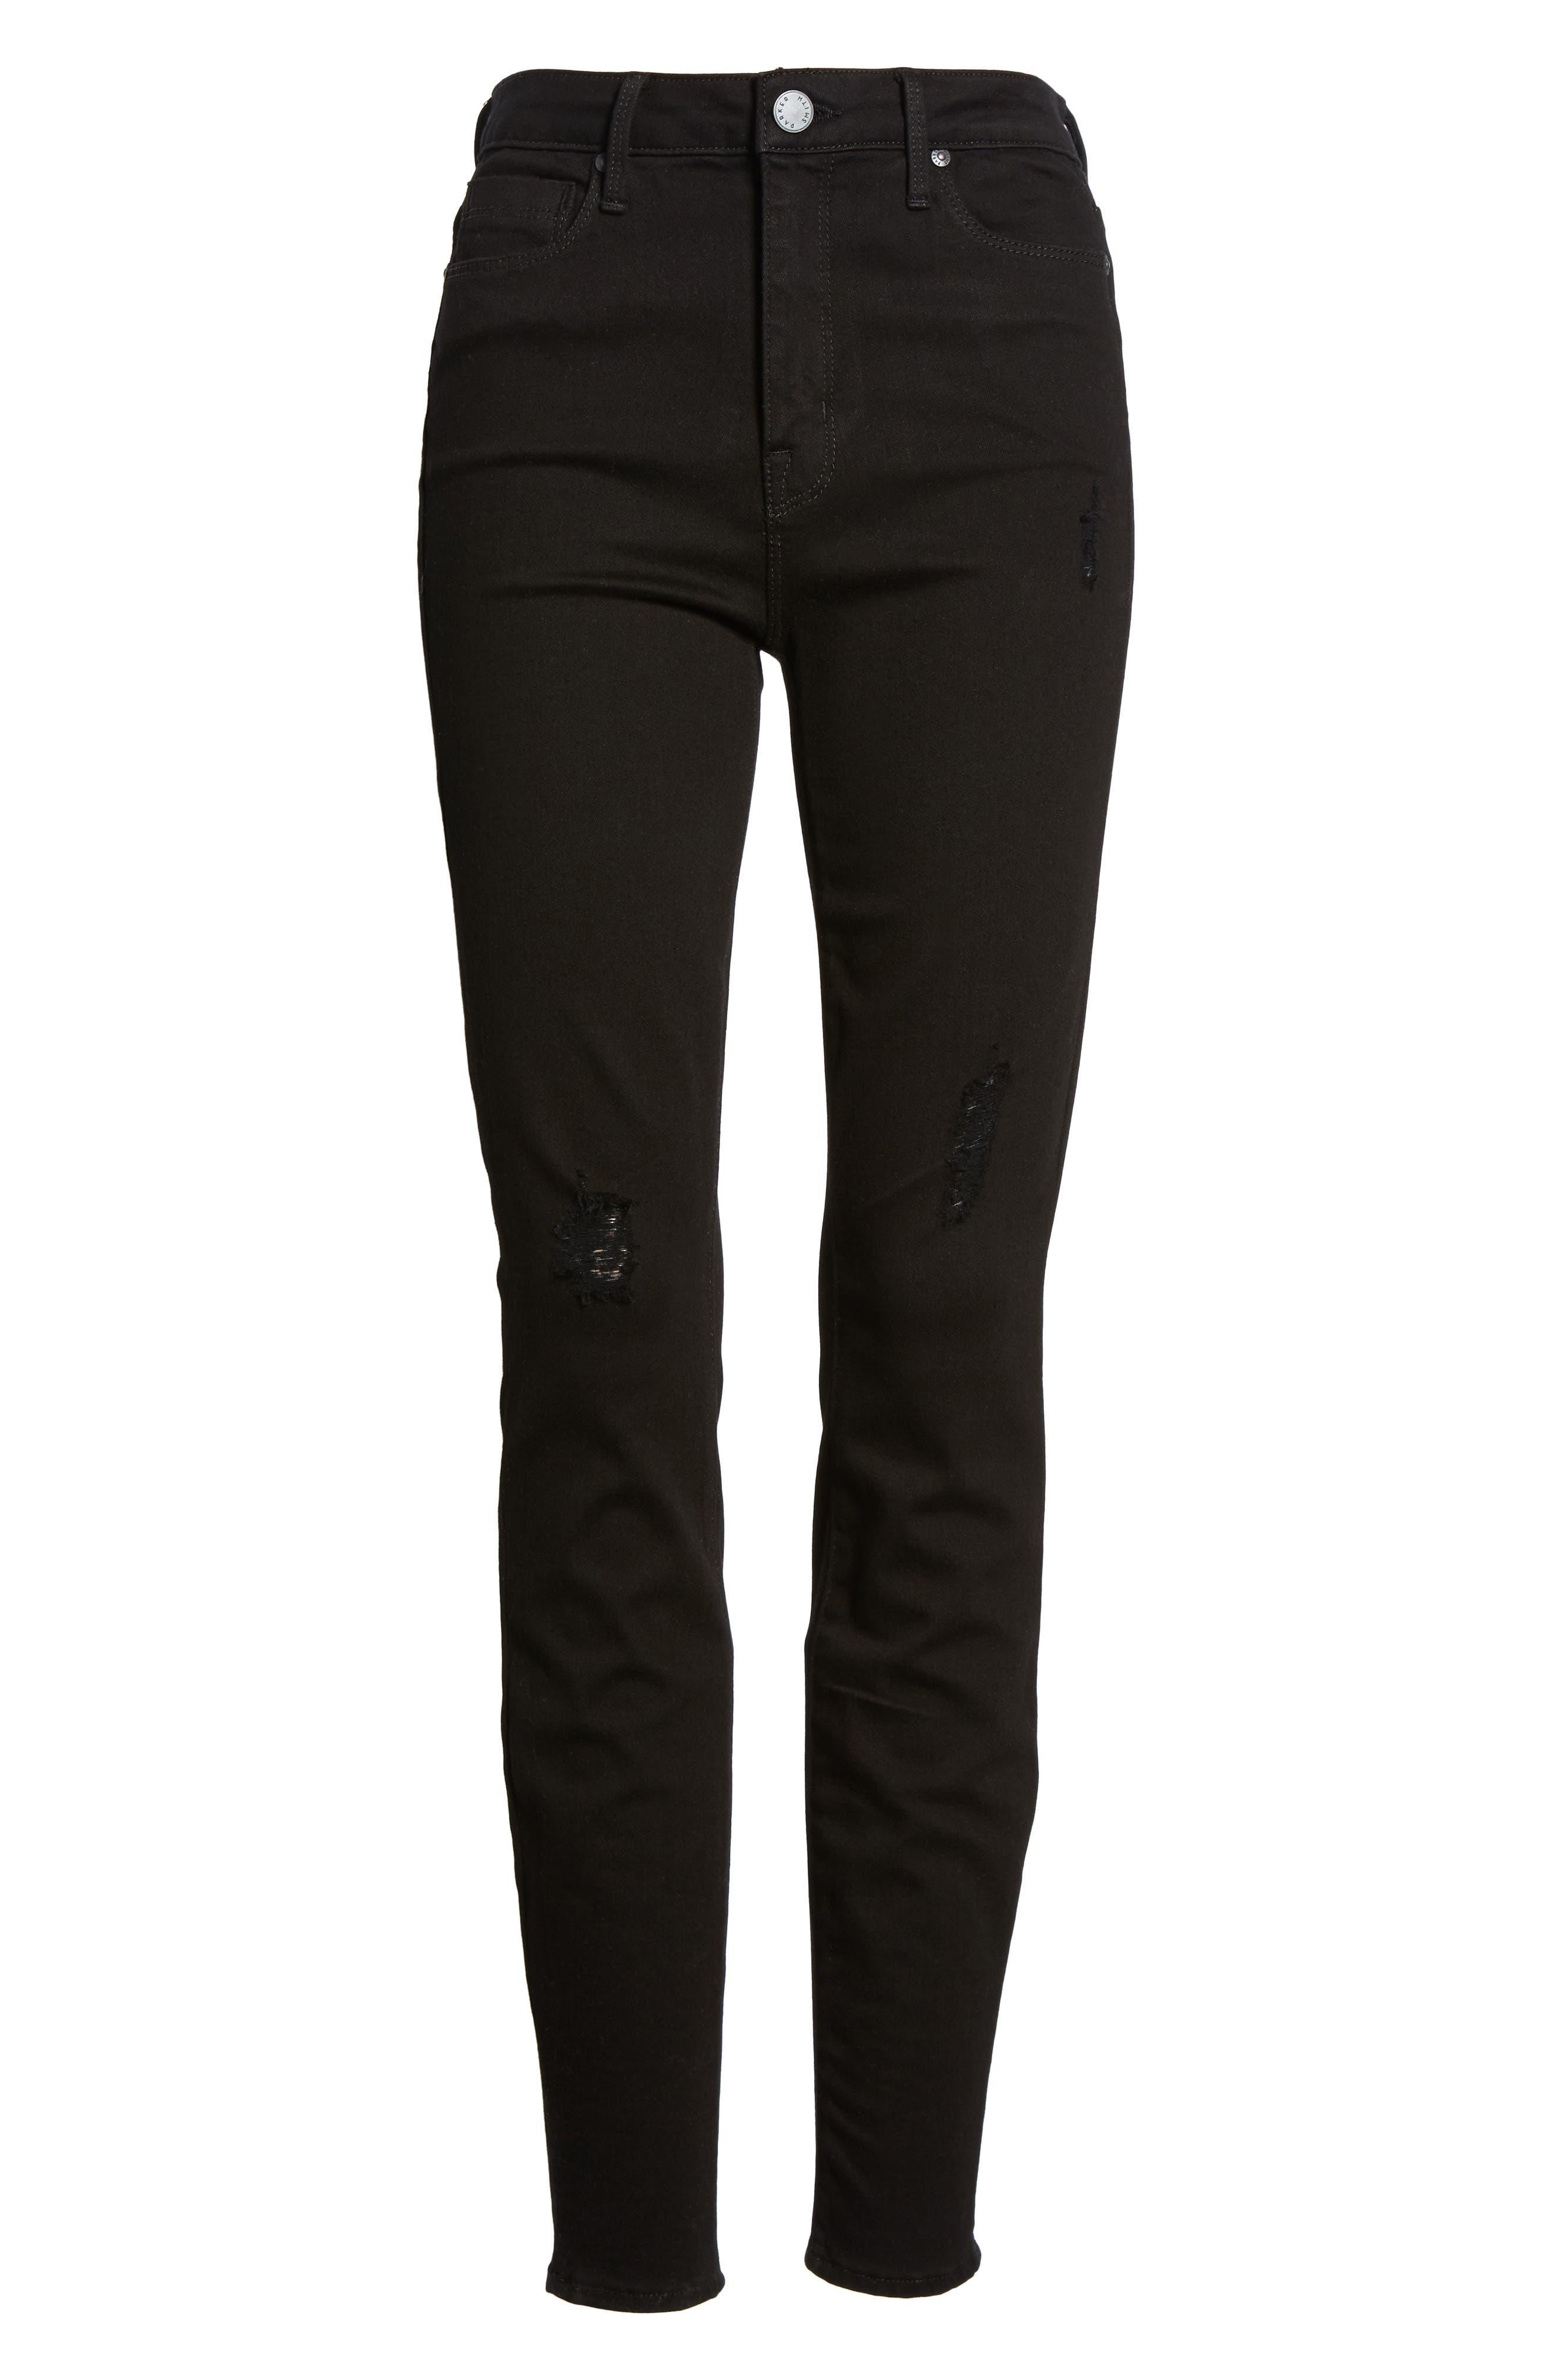 Bombshell Skinny Jeans,                             Alternate thumbnail 7, color,                             001